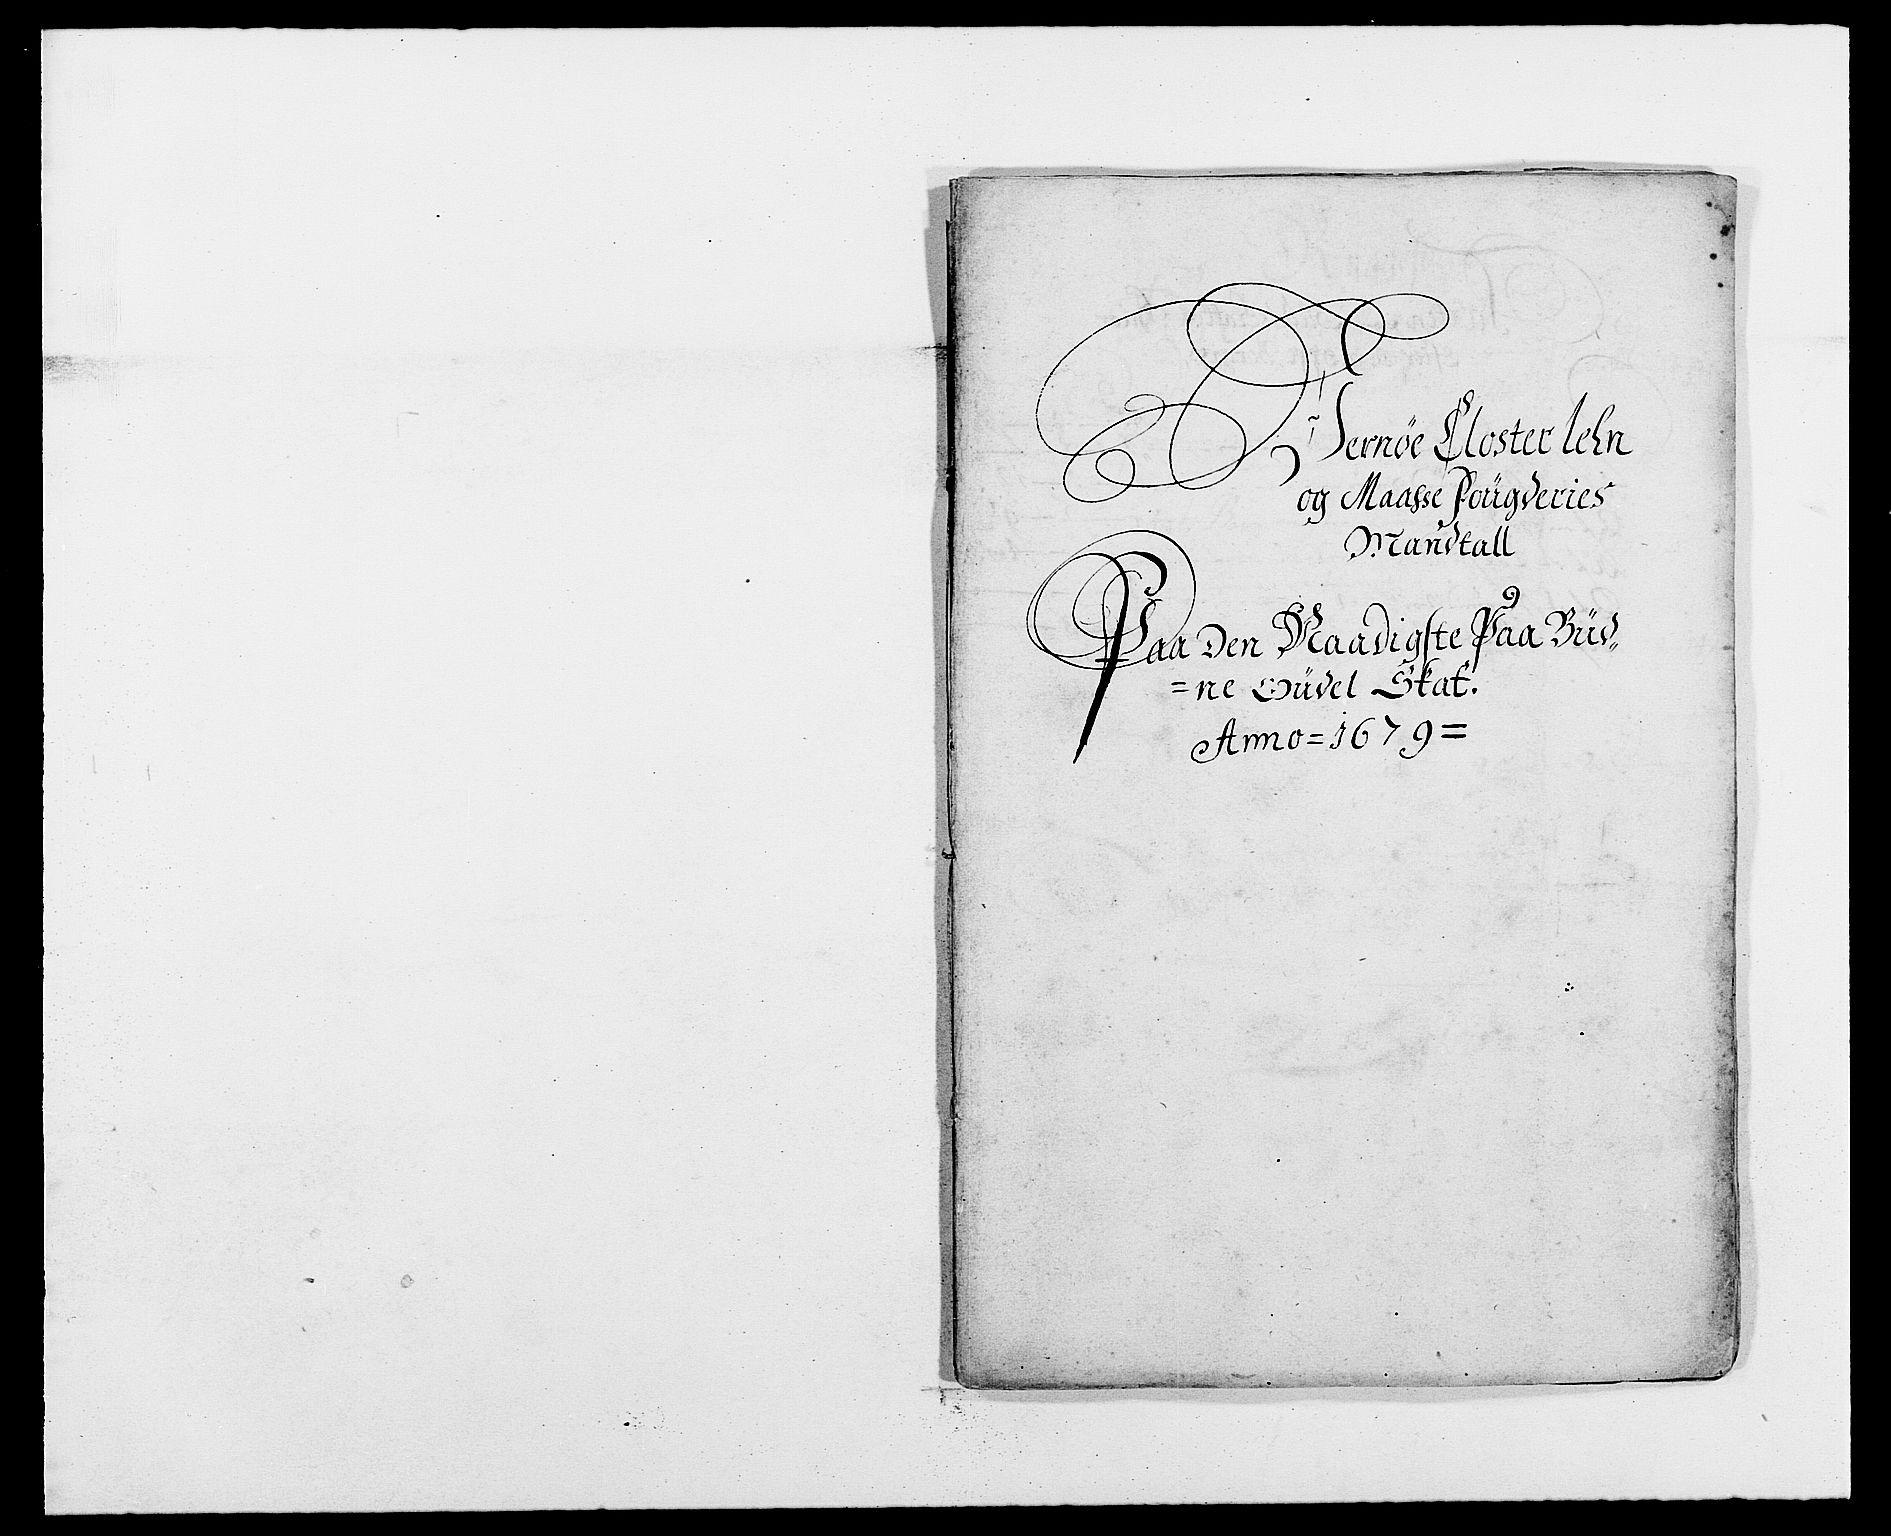 RA, Rentekammeret inntil 1814, Reviderte regnskaper, Fogderegnskap, R02/L0100: Fogderegnskap Moss og Verne kloster, 1679, s. 67